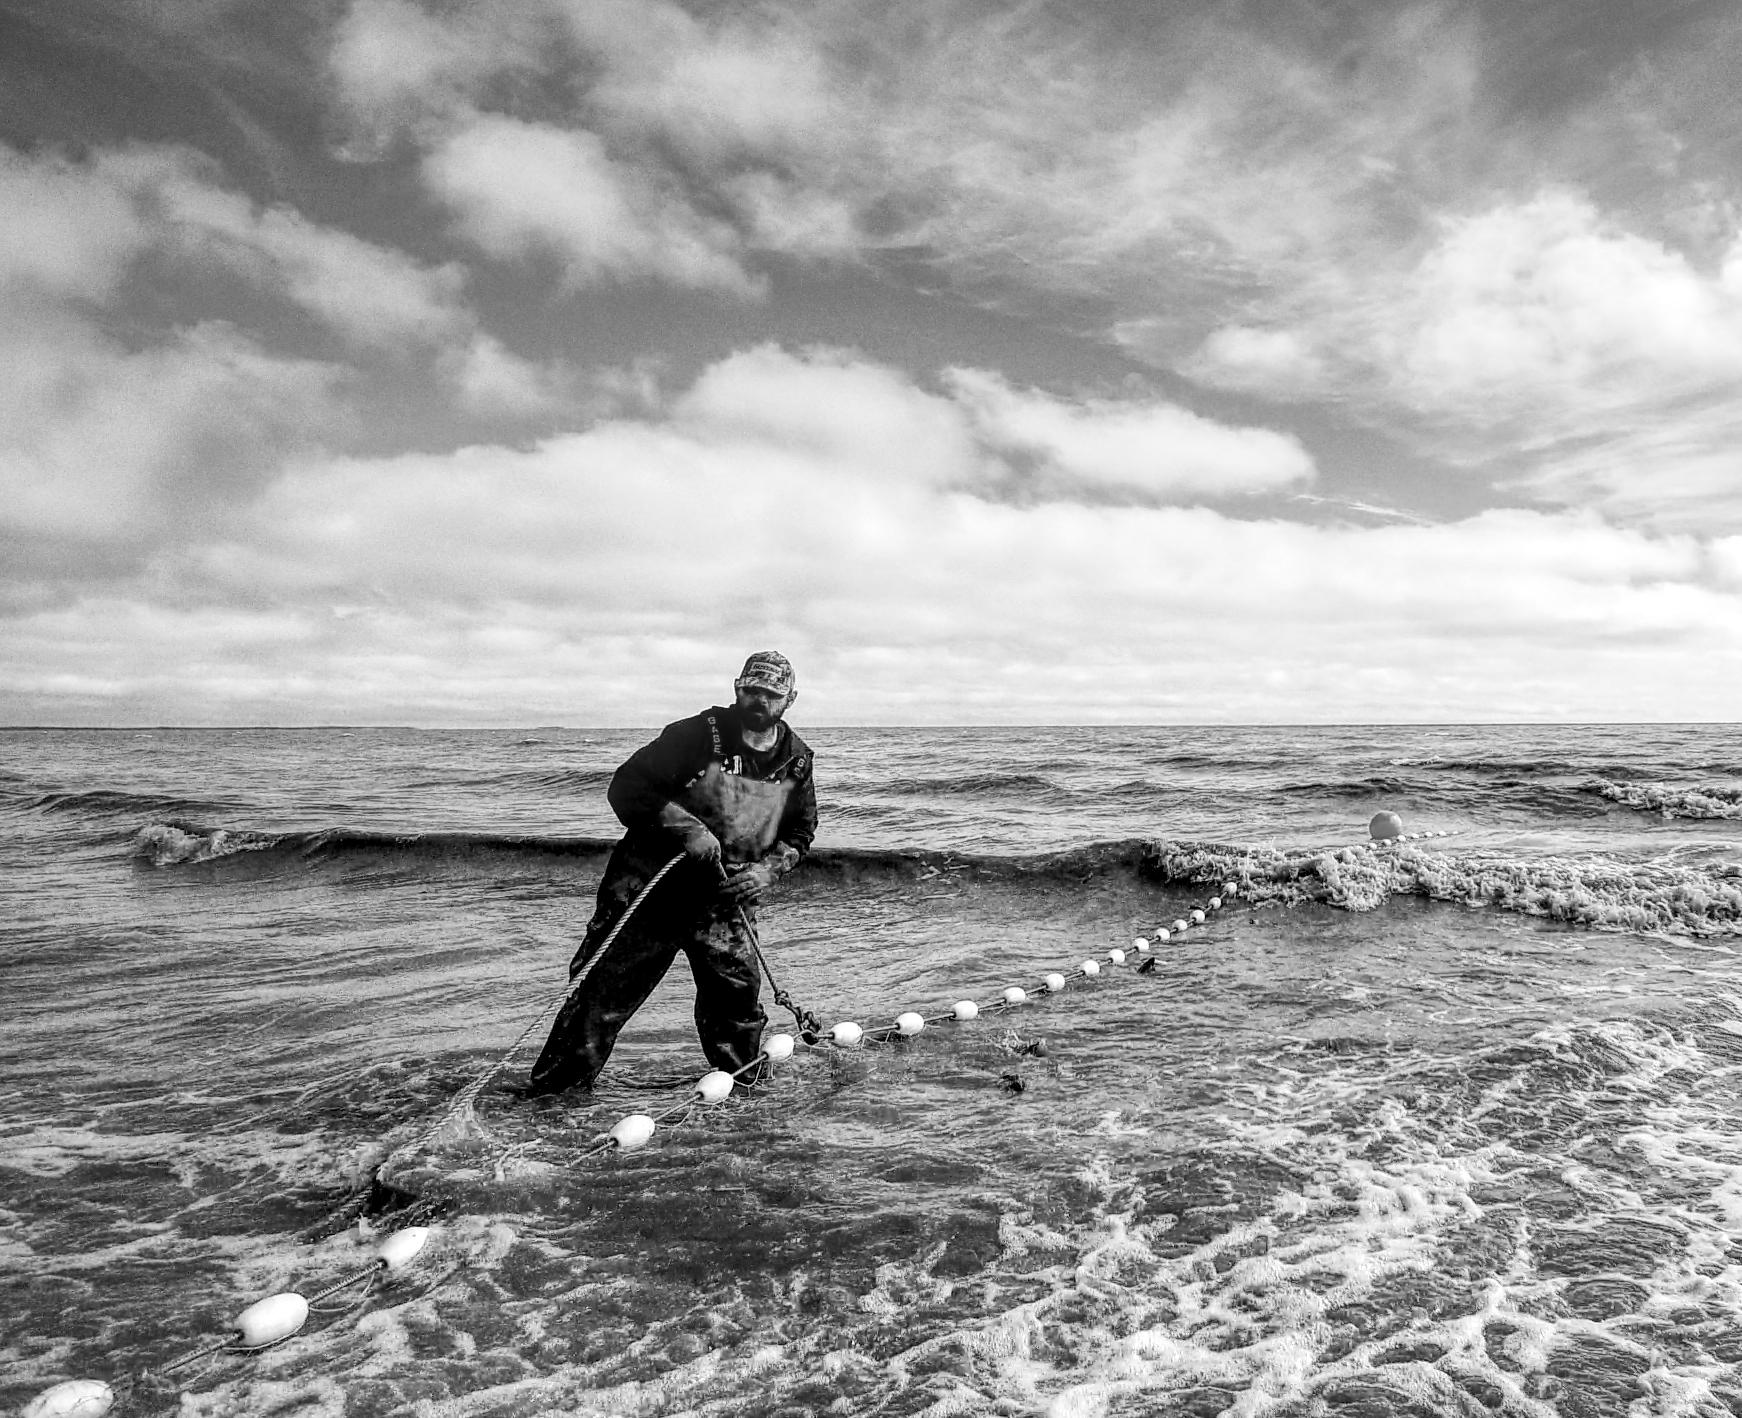 Joel Reynolds - Fishing since 1983